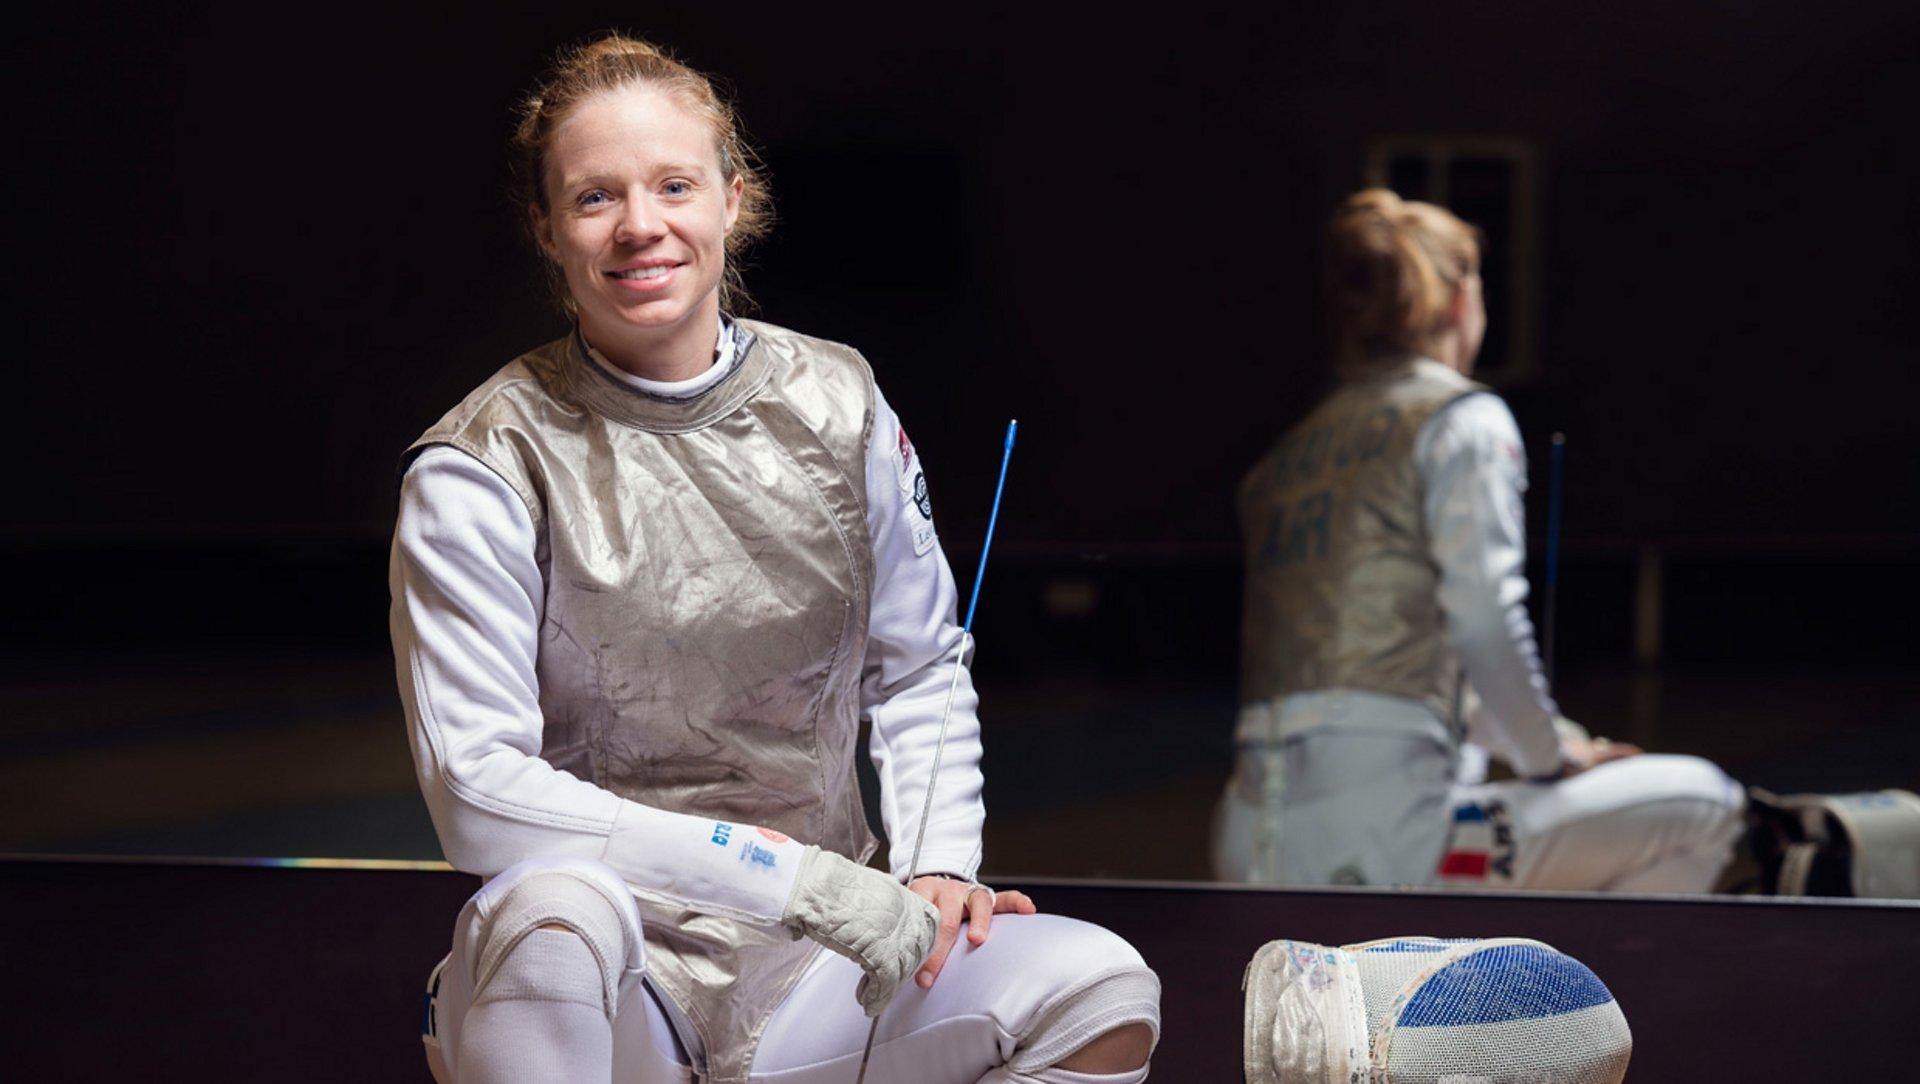 Astrid Guyart Olympic fencer